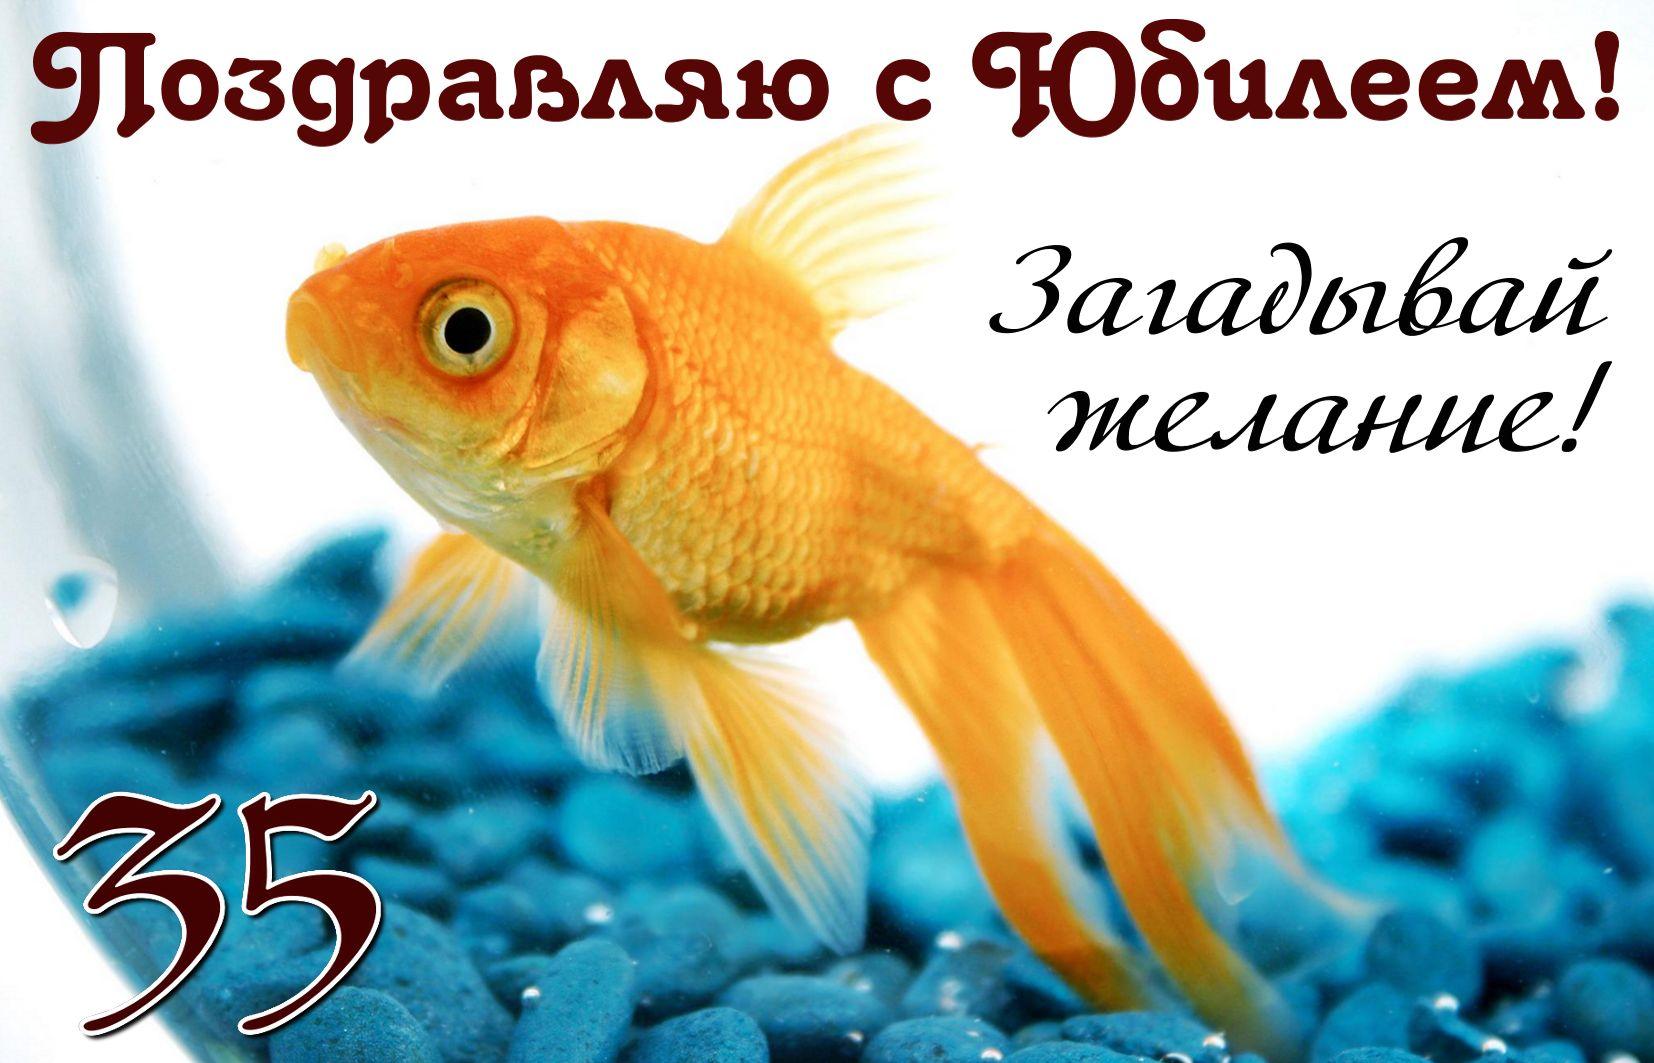 Открытка на юбилей 35 лет - загадывай желание с золотой рыбкой